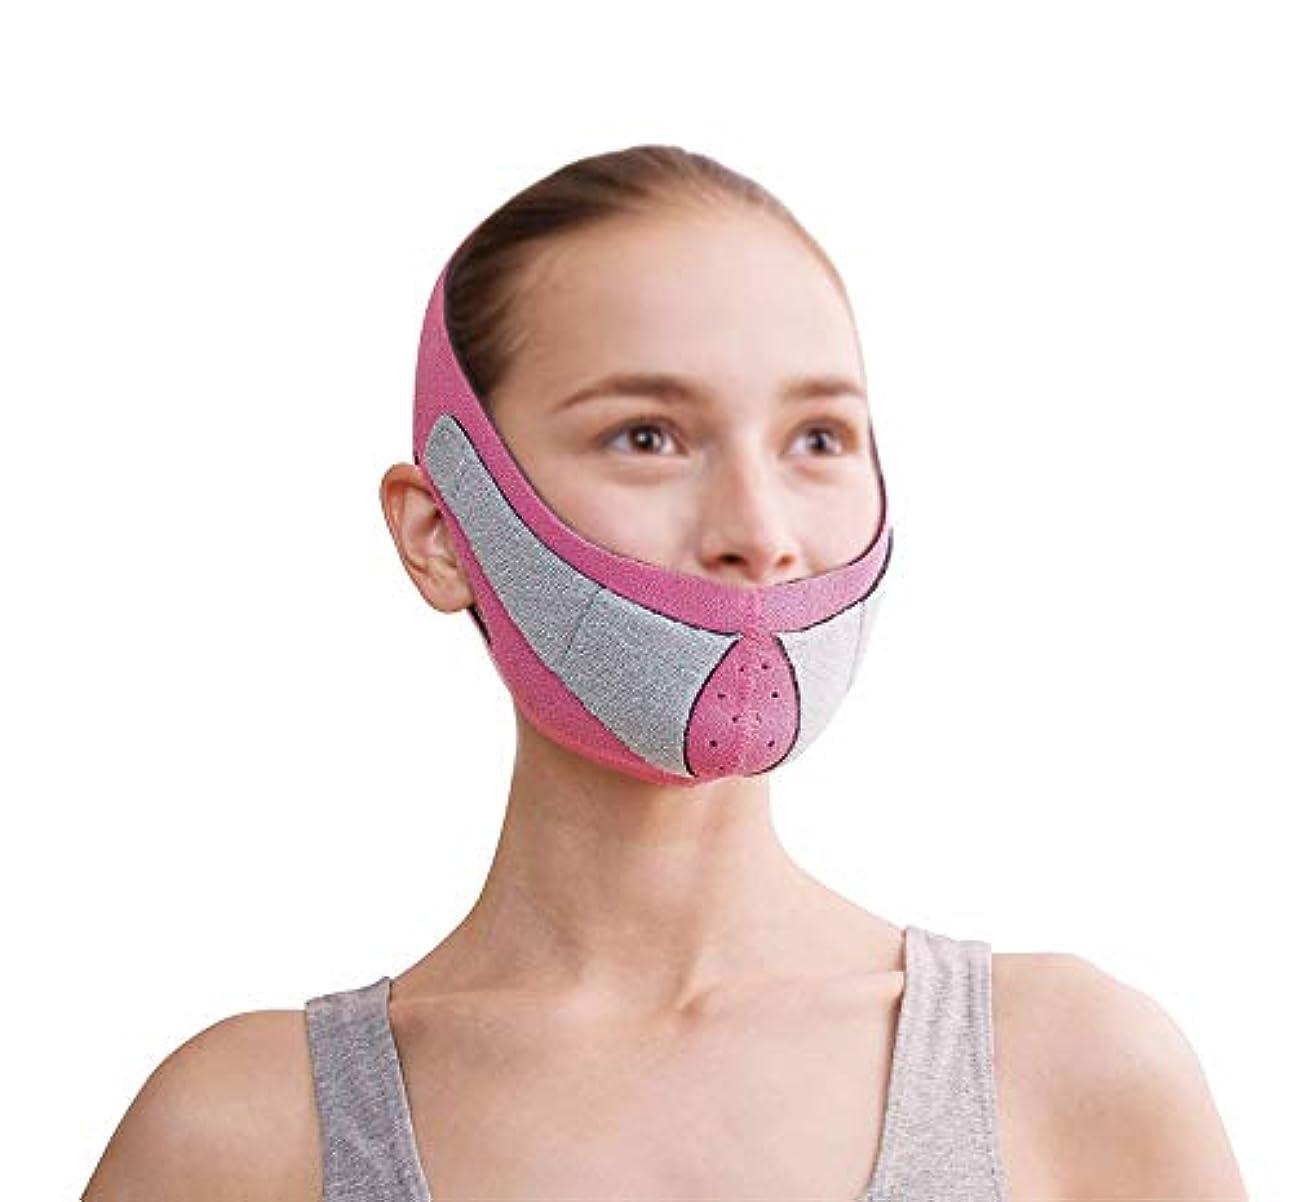 情熱縁石ボーナスフェイスリフトマスク、顔のマスクプラス薄いフェイスマスクタイトな垂れ下がりの薄いフェイスマスク顔の薄いフェイスマスクアーティファクト美容ネックストラップ付き